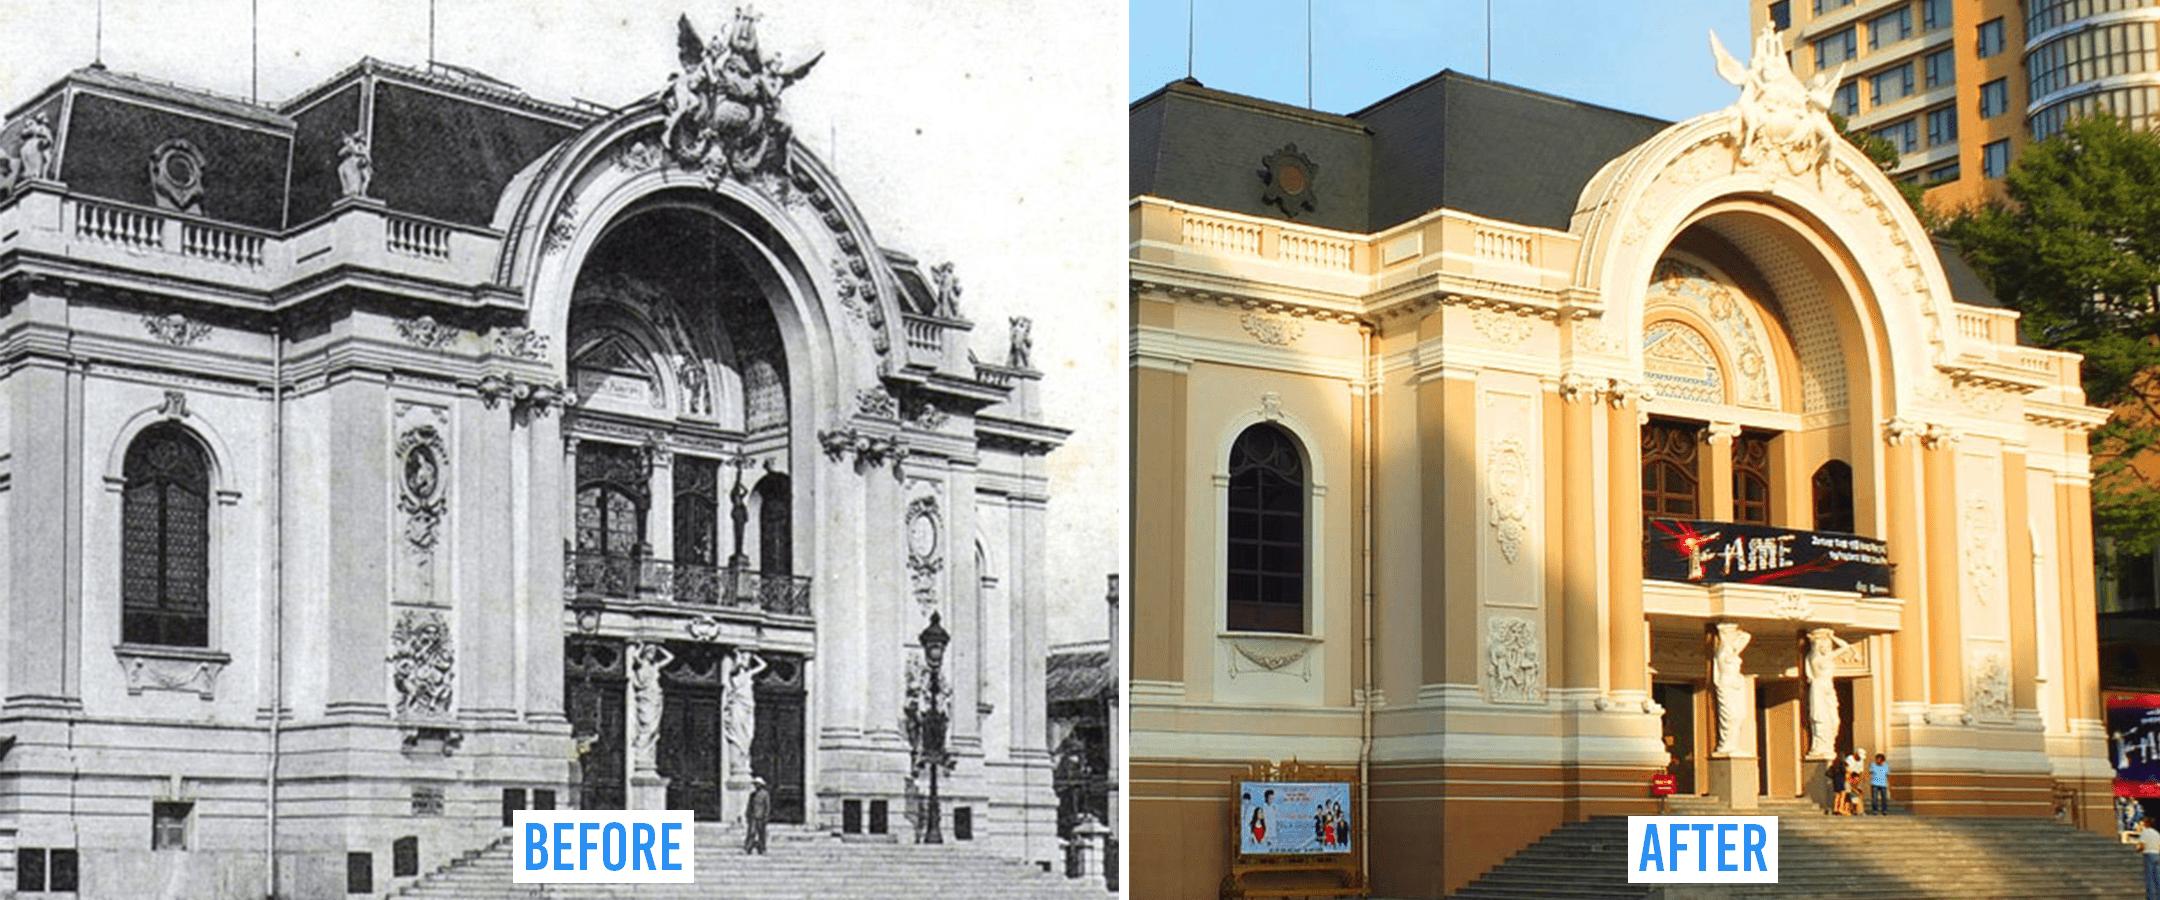 Saigon then and now_opera house